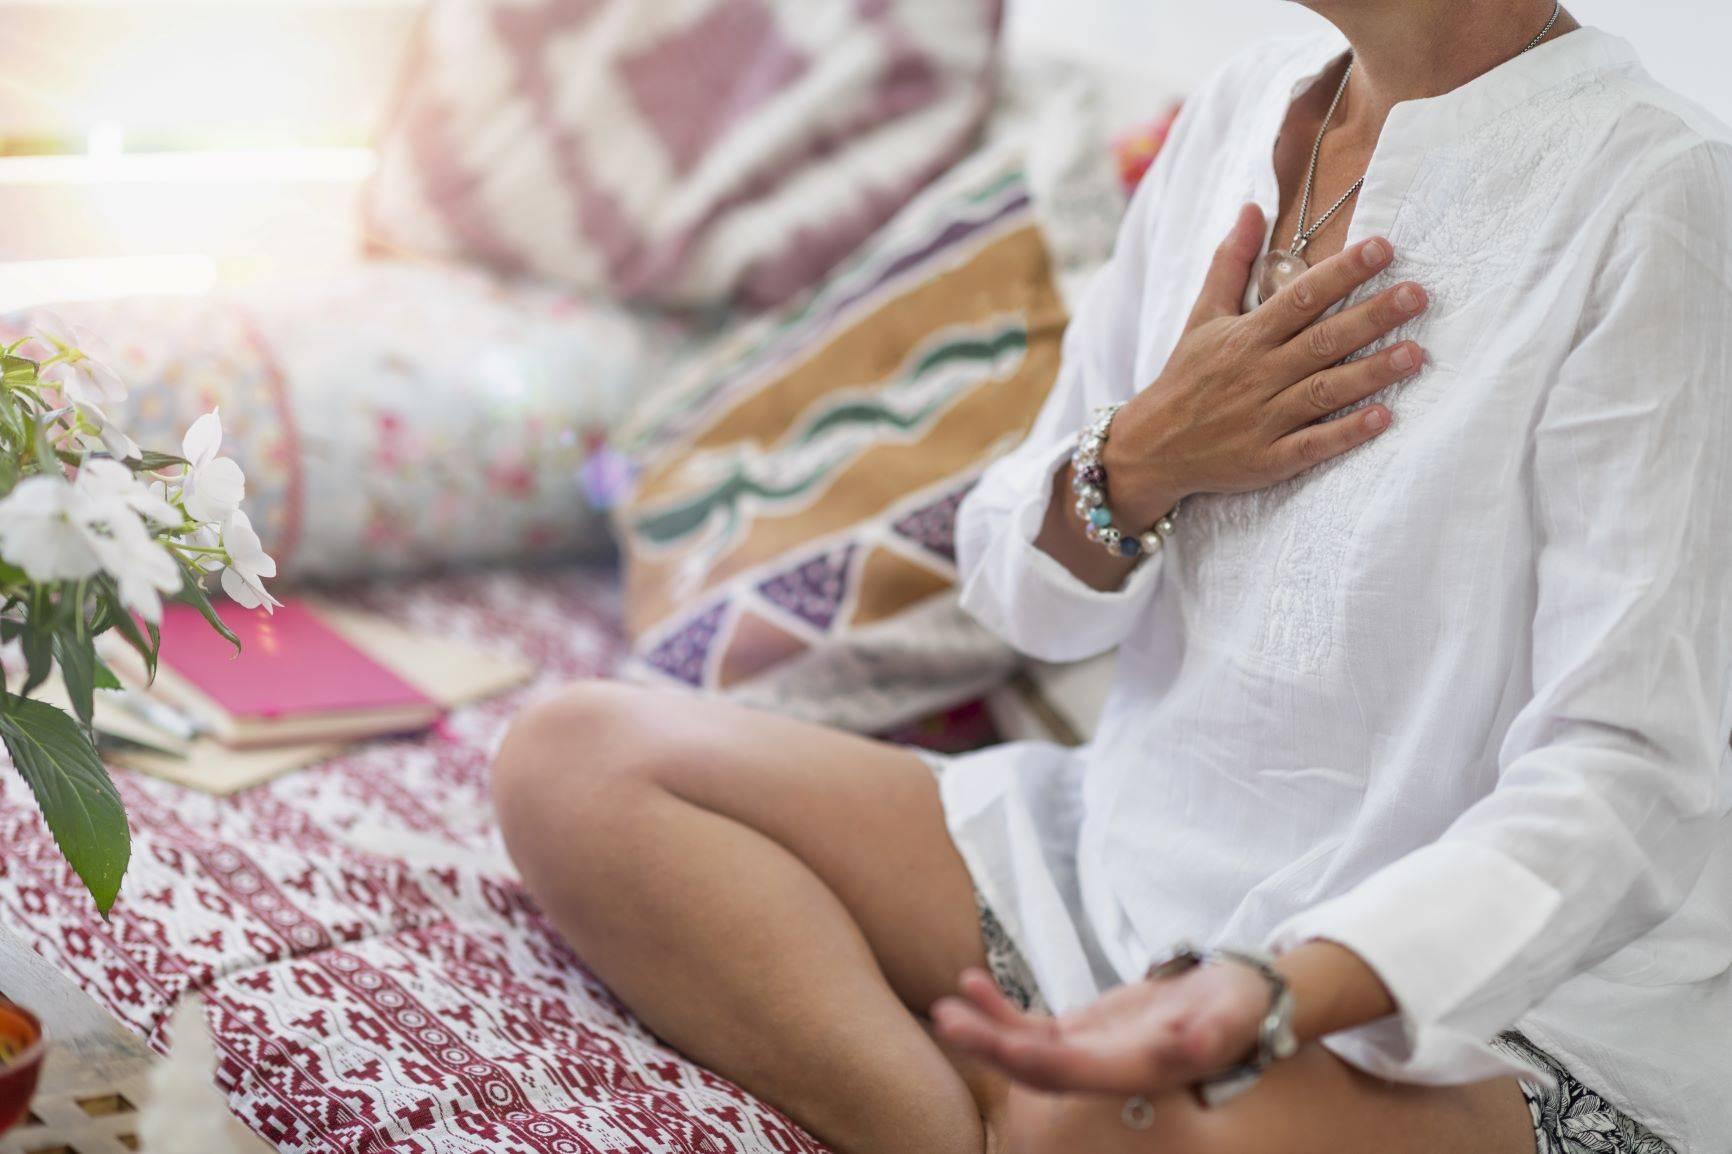 Medytacja dla początkujących. Aplikacja do medytacji. Kobieta w białej koszuli medytuje na kanapie.